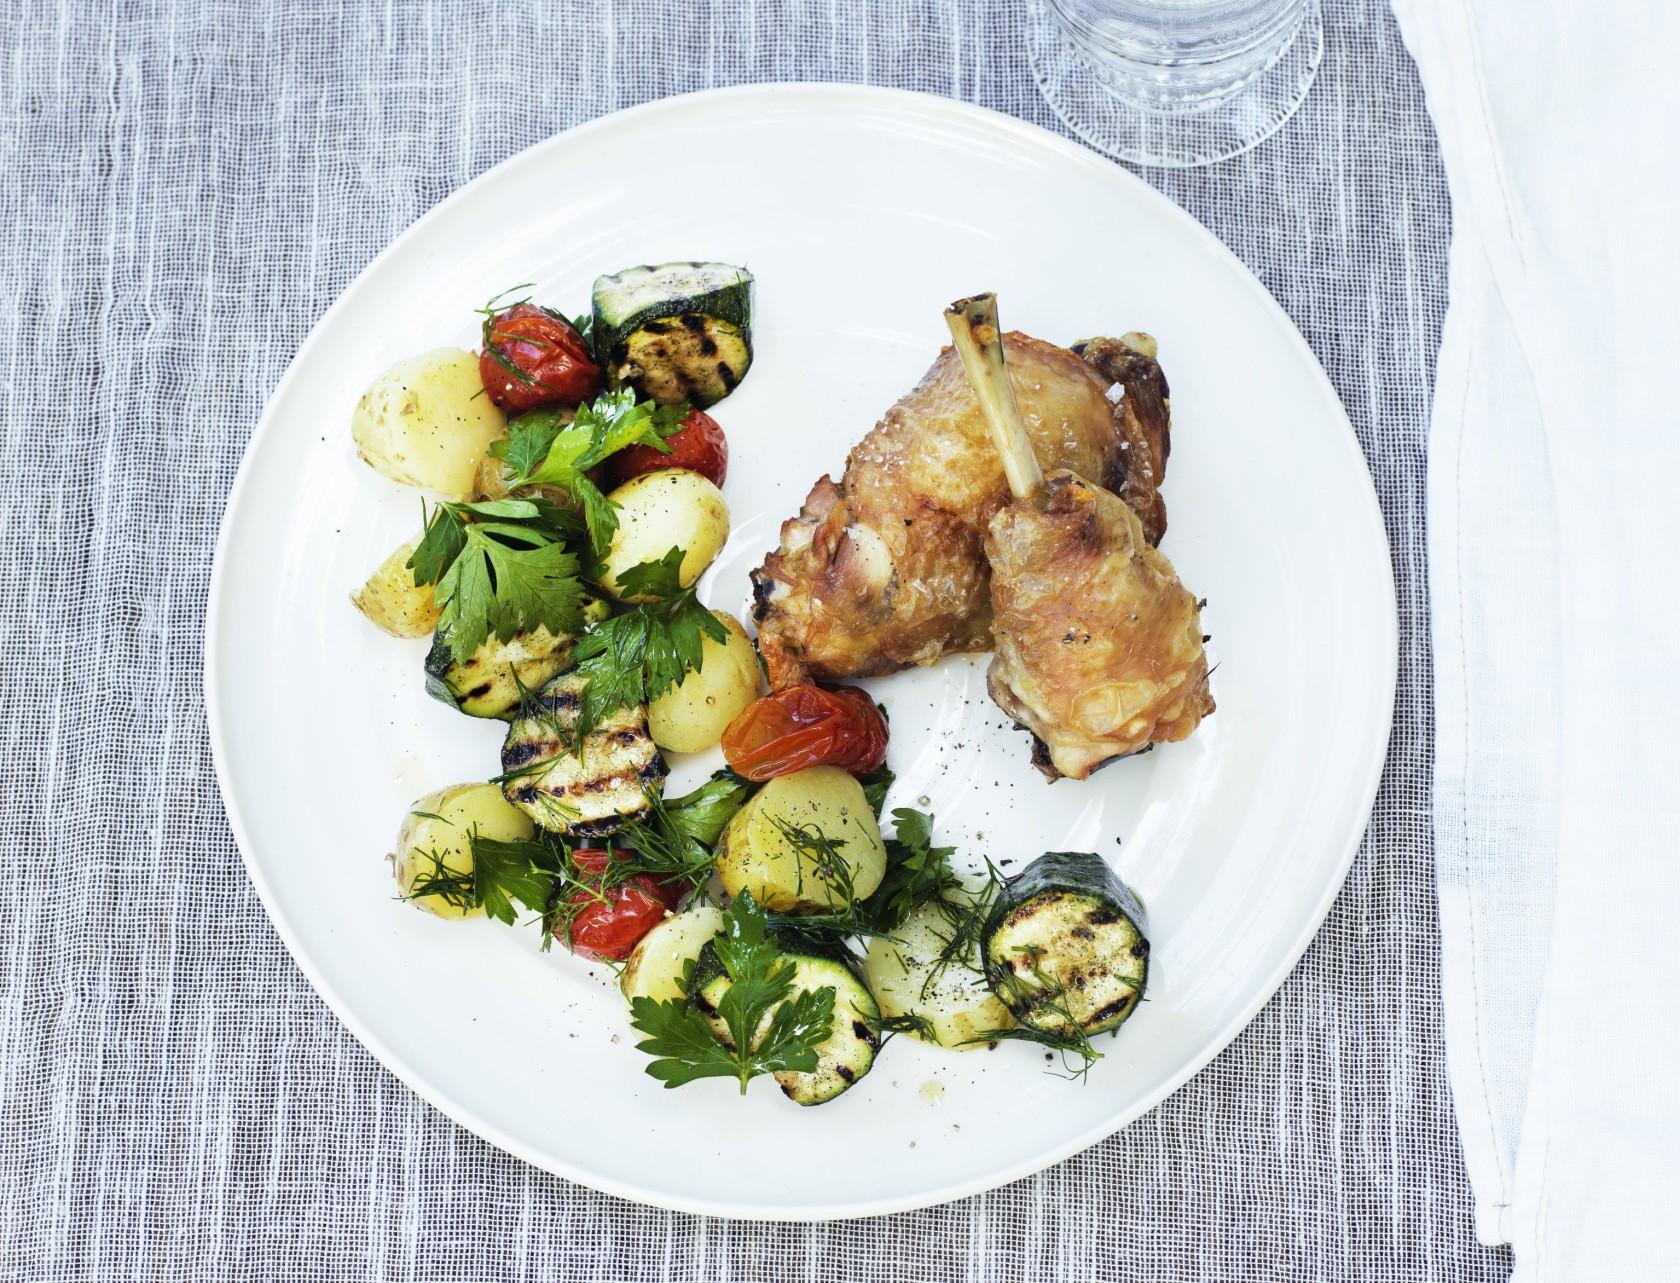 Kyllingelår med bagte tomater, squash og kartofler er det ideelle måltid!